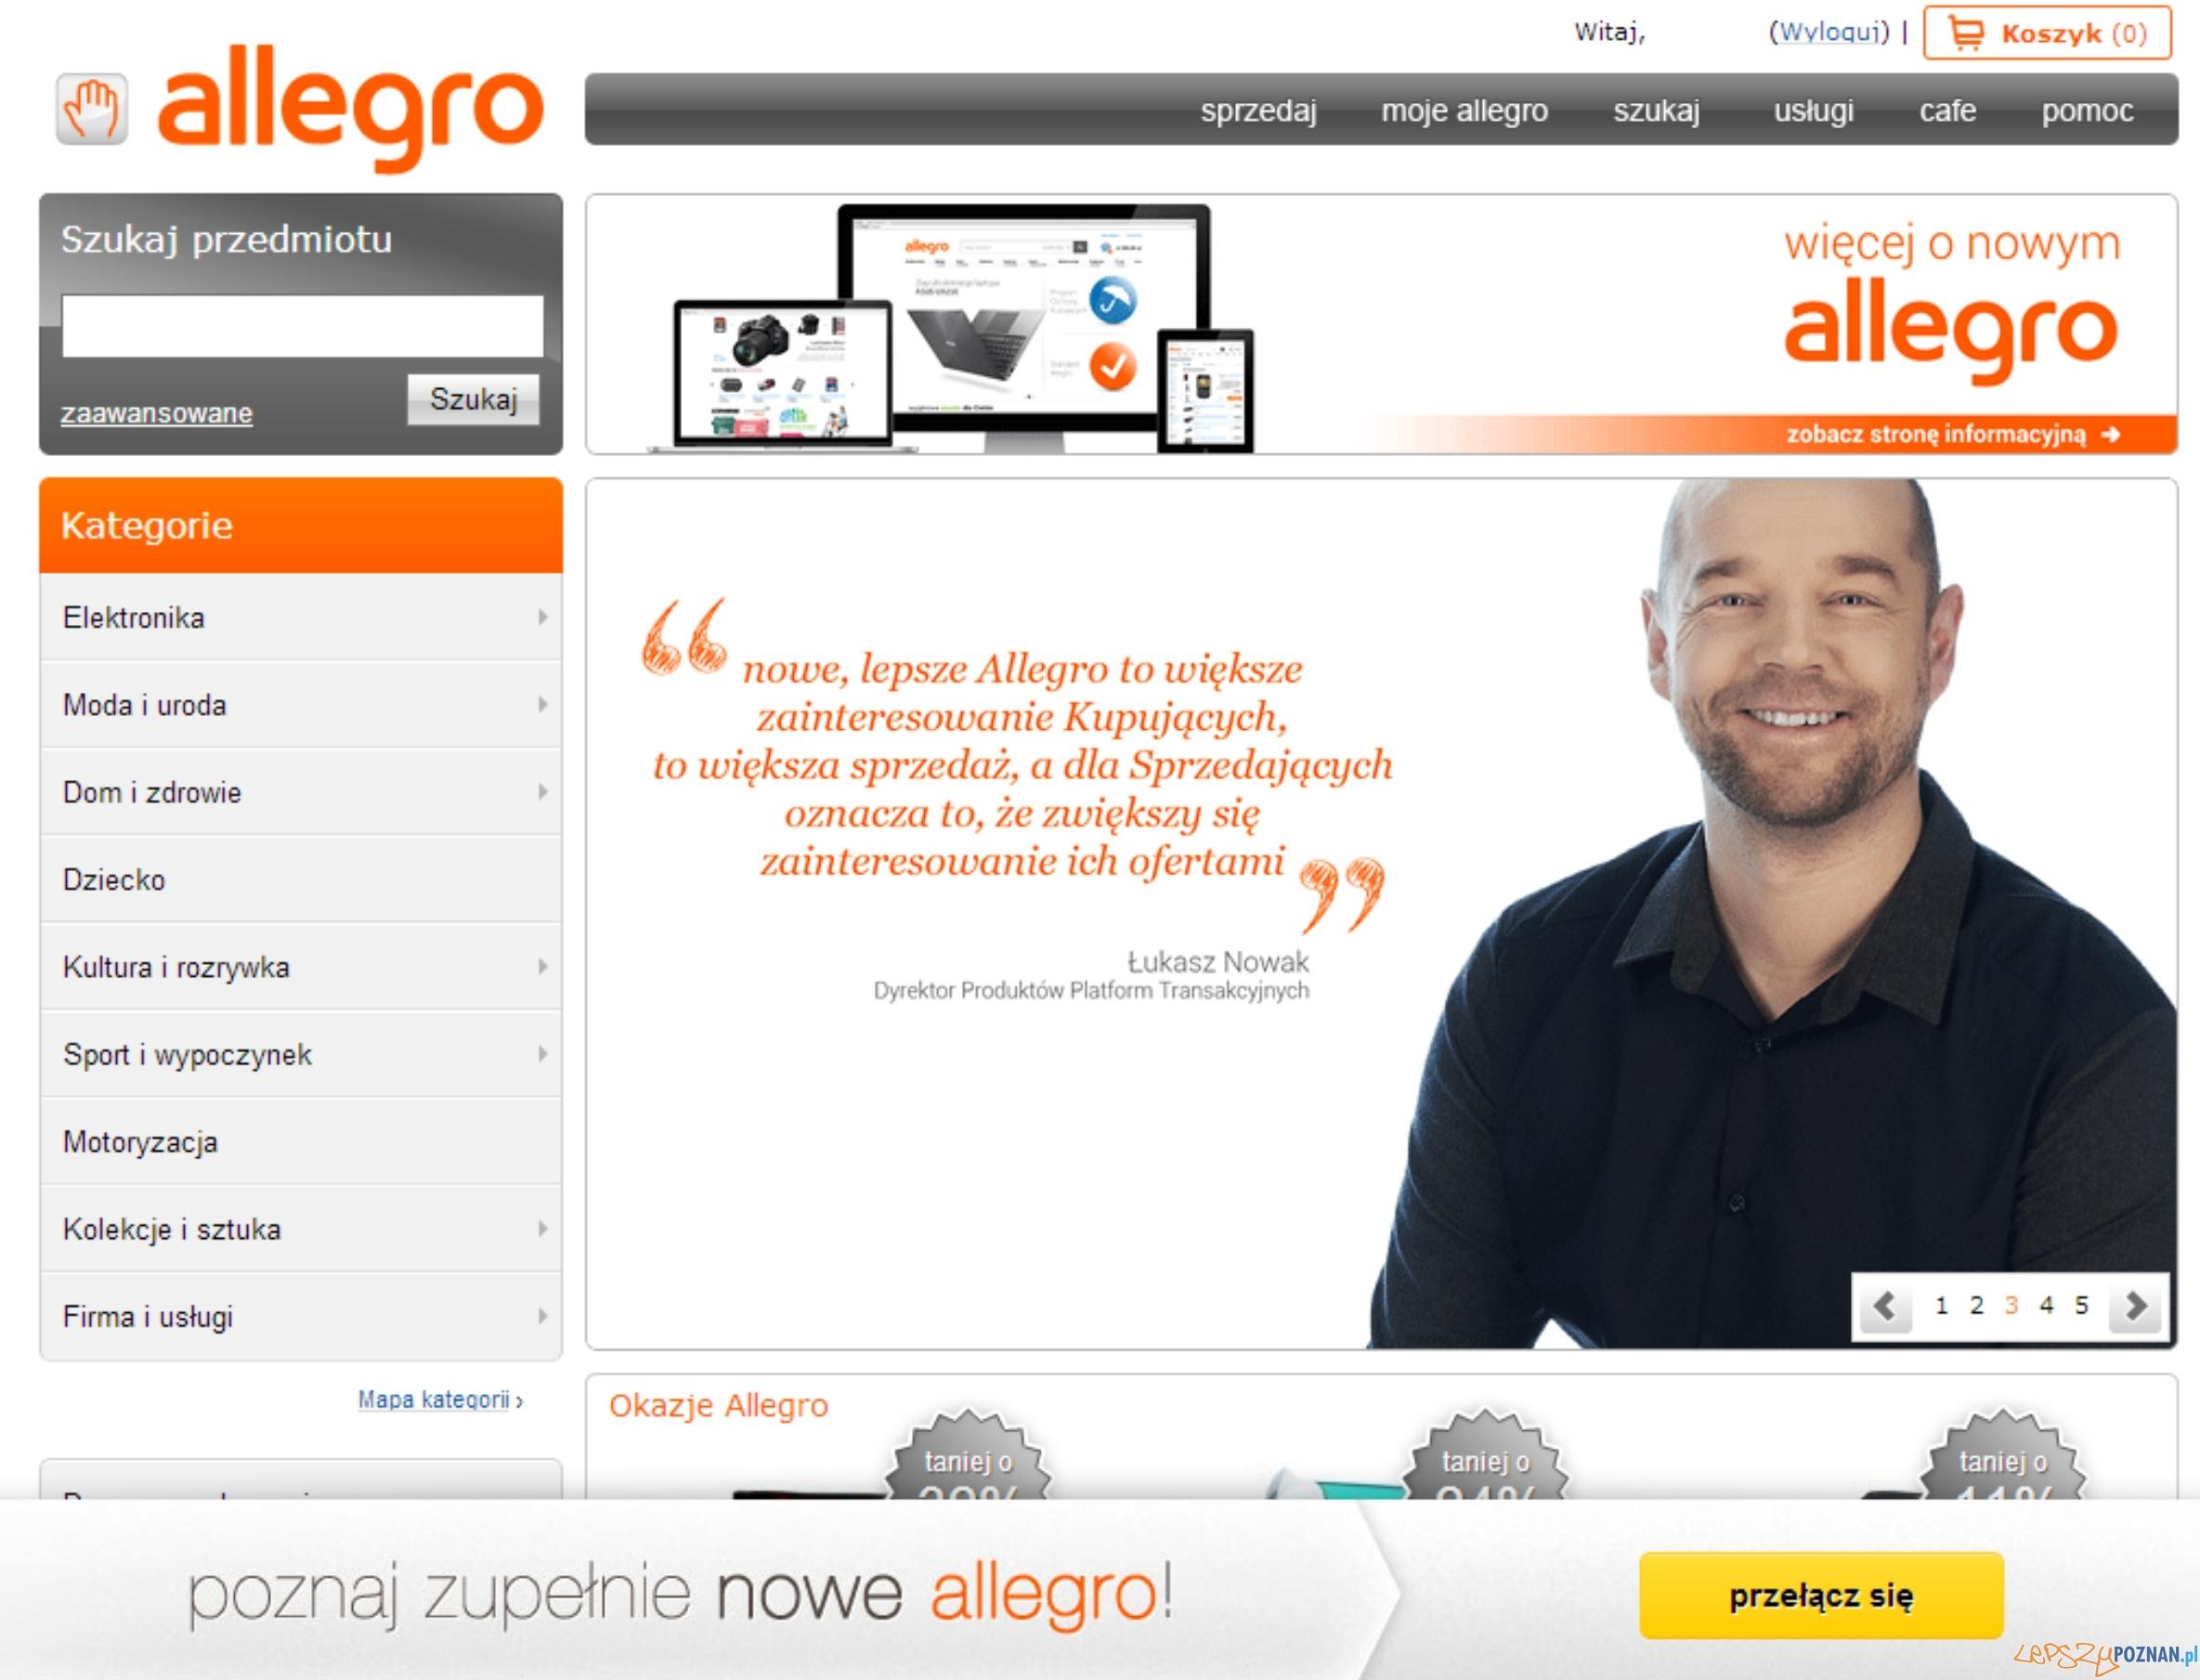 Stary wygląd serwisu Allegro  Foto: Stary wygląd serwisu Allegro